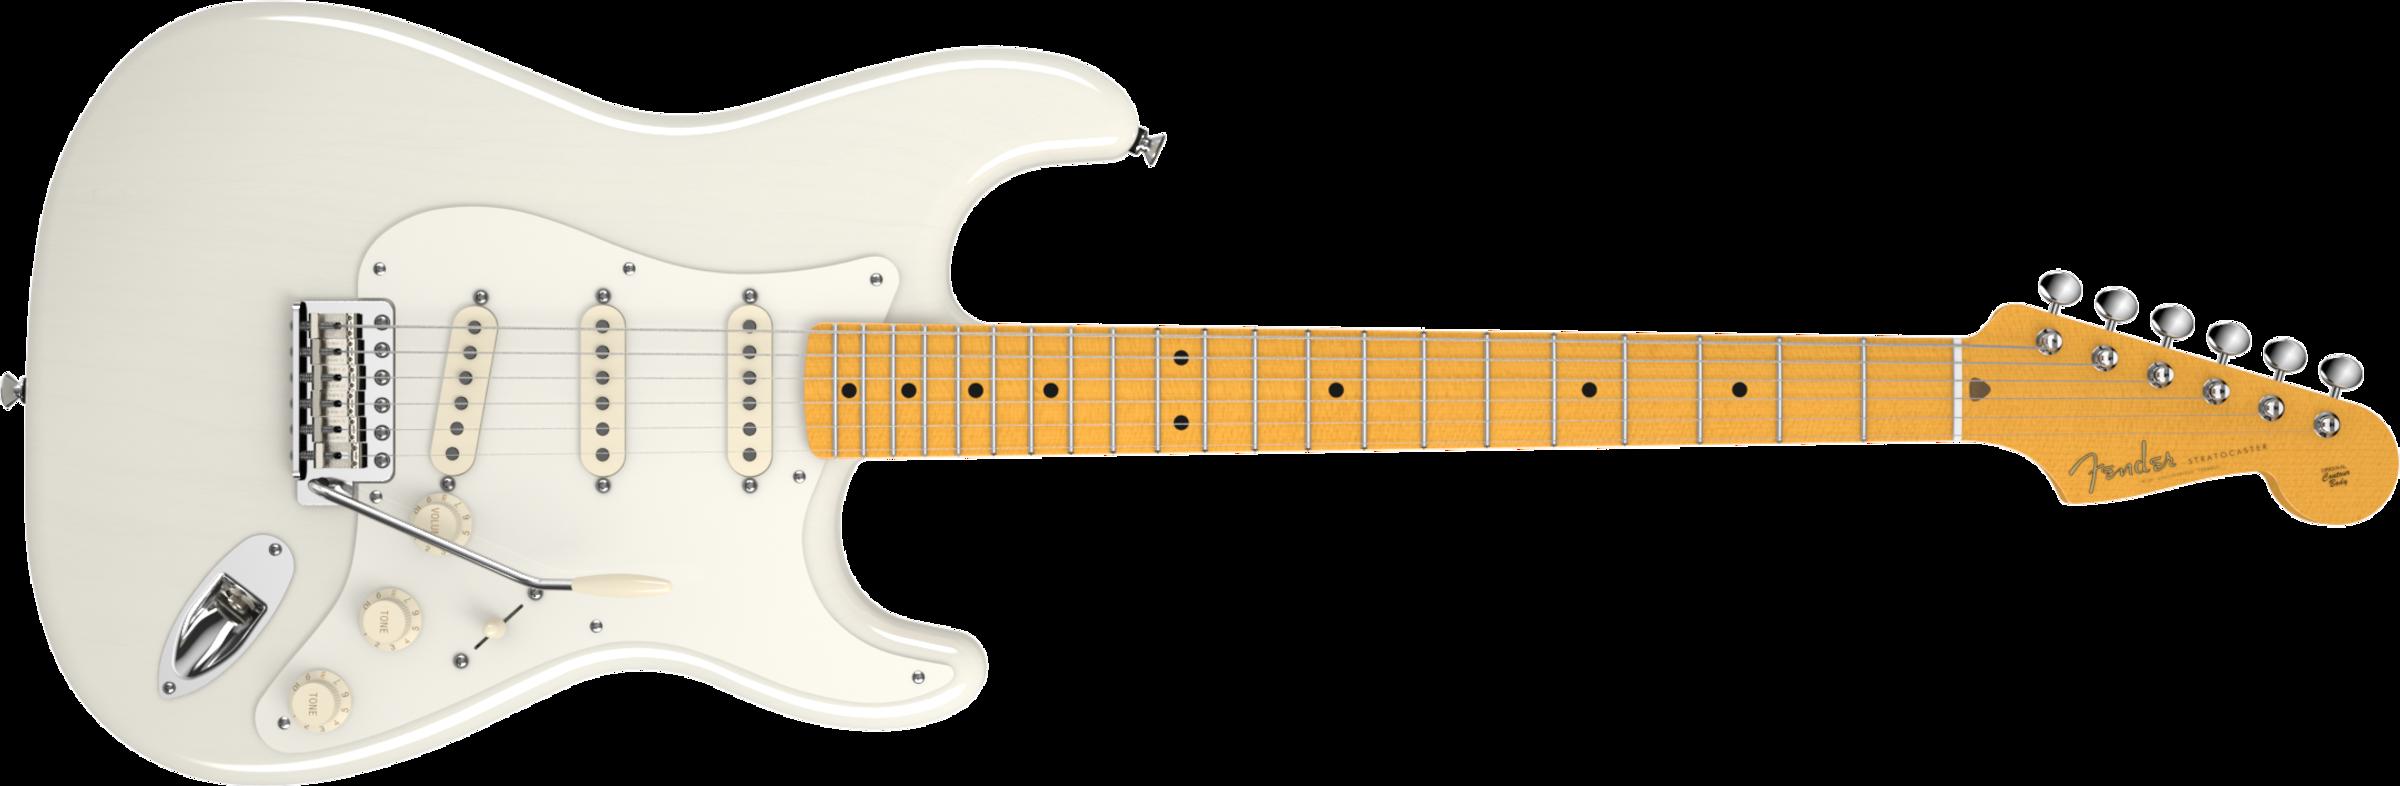 Eric Johnson Stratocaster Maple Artist Series Fender Guitar Fender Guitars Stratocaster Guitar